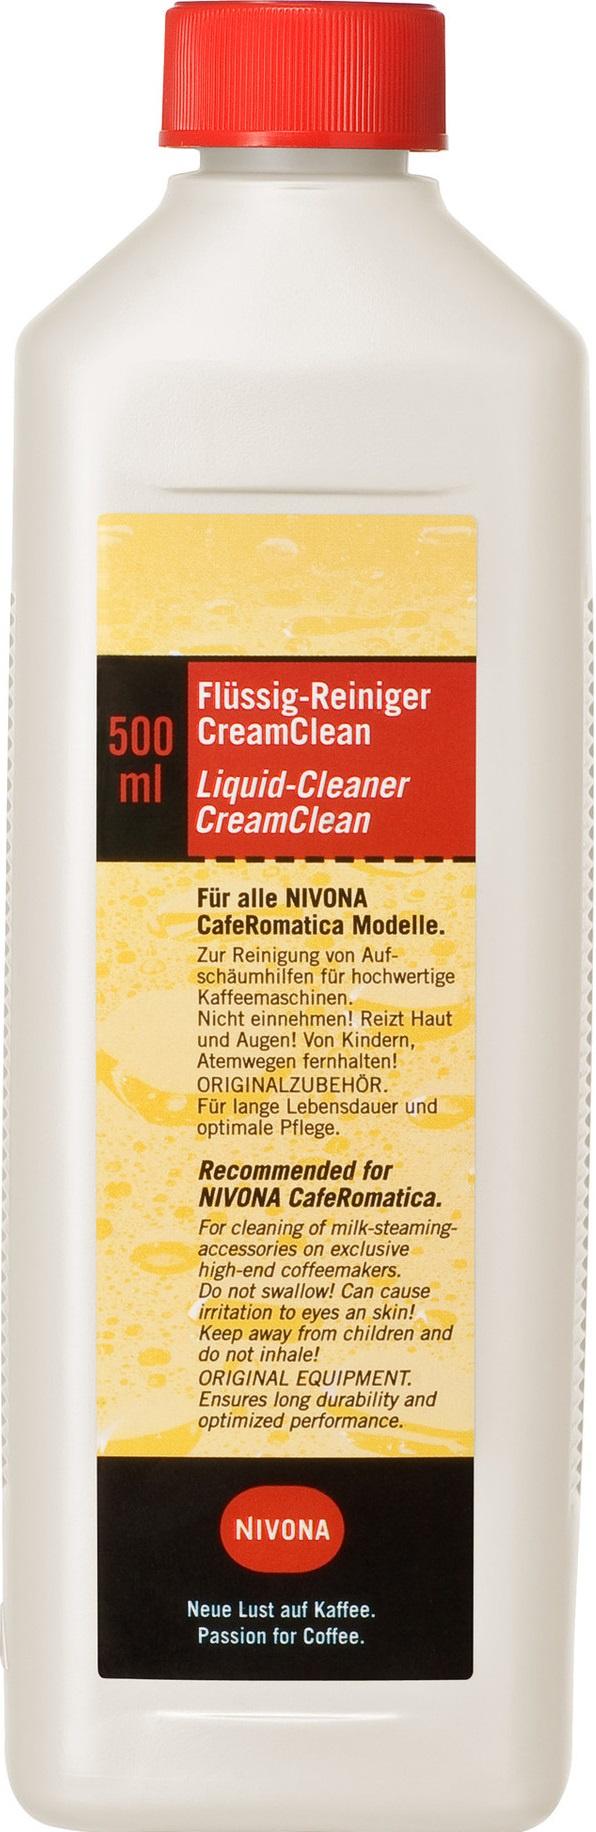 Средство для очистки Nivona NICC 705, белый nagara средство для очистки туалета 500 мл